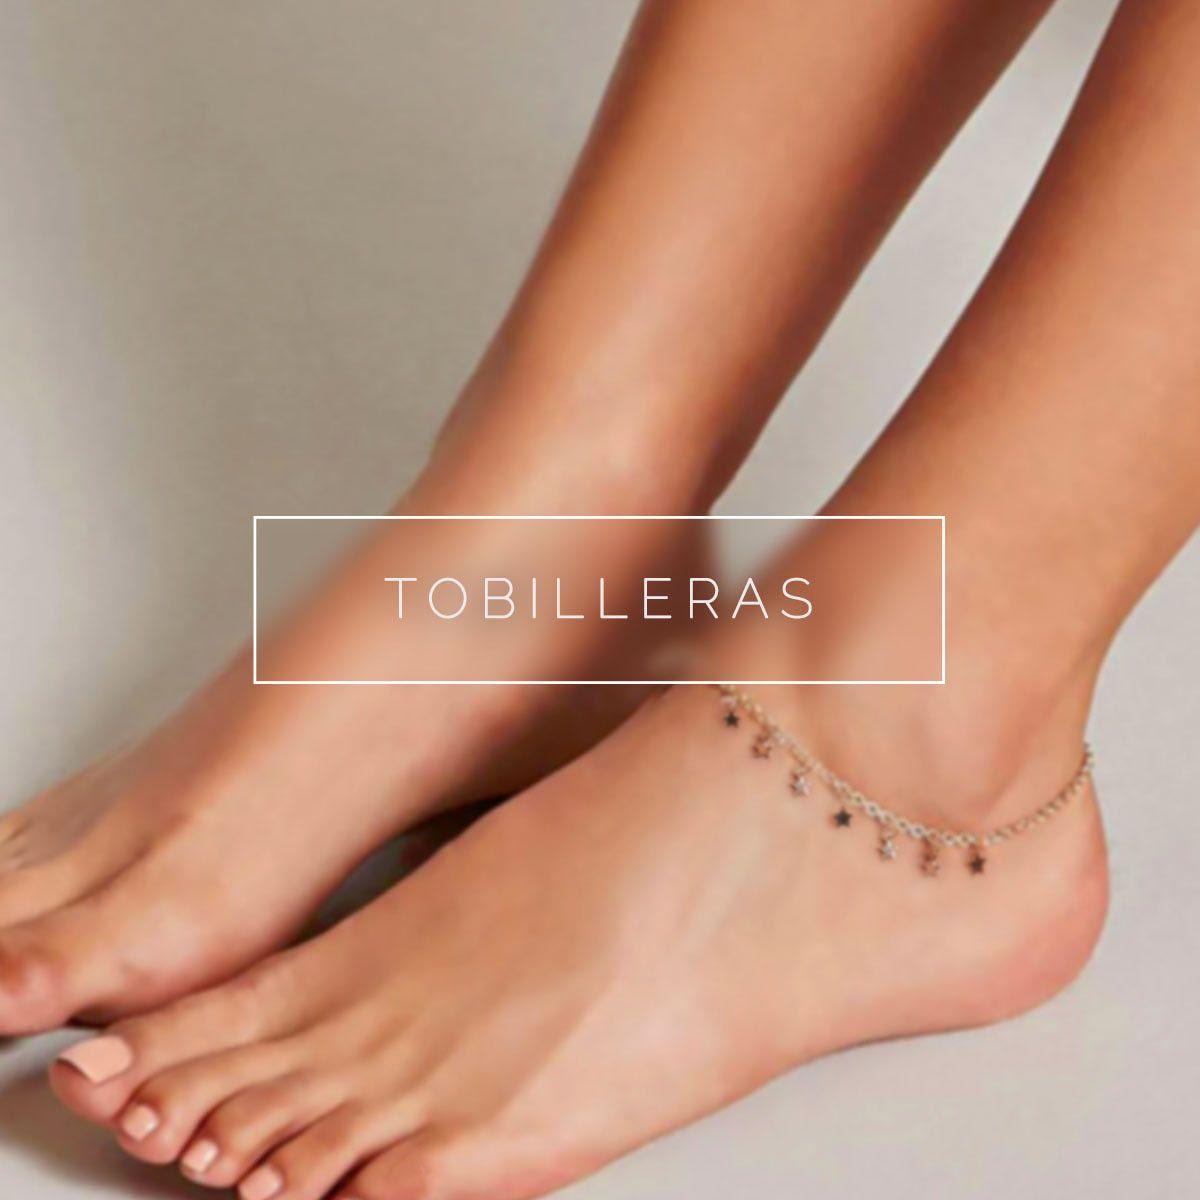 tobilleras